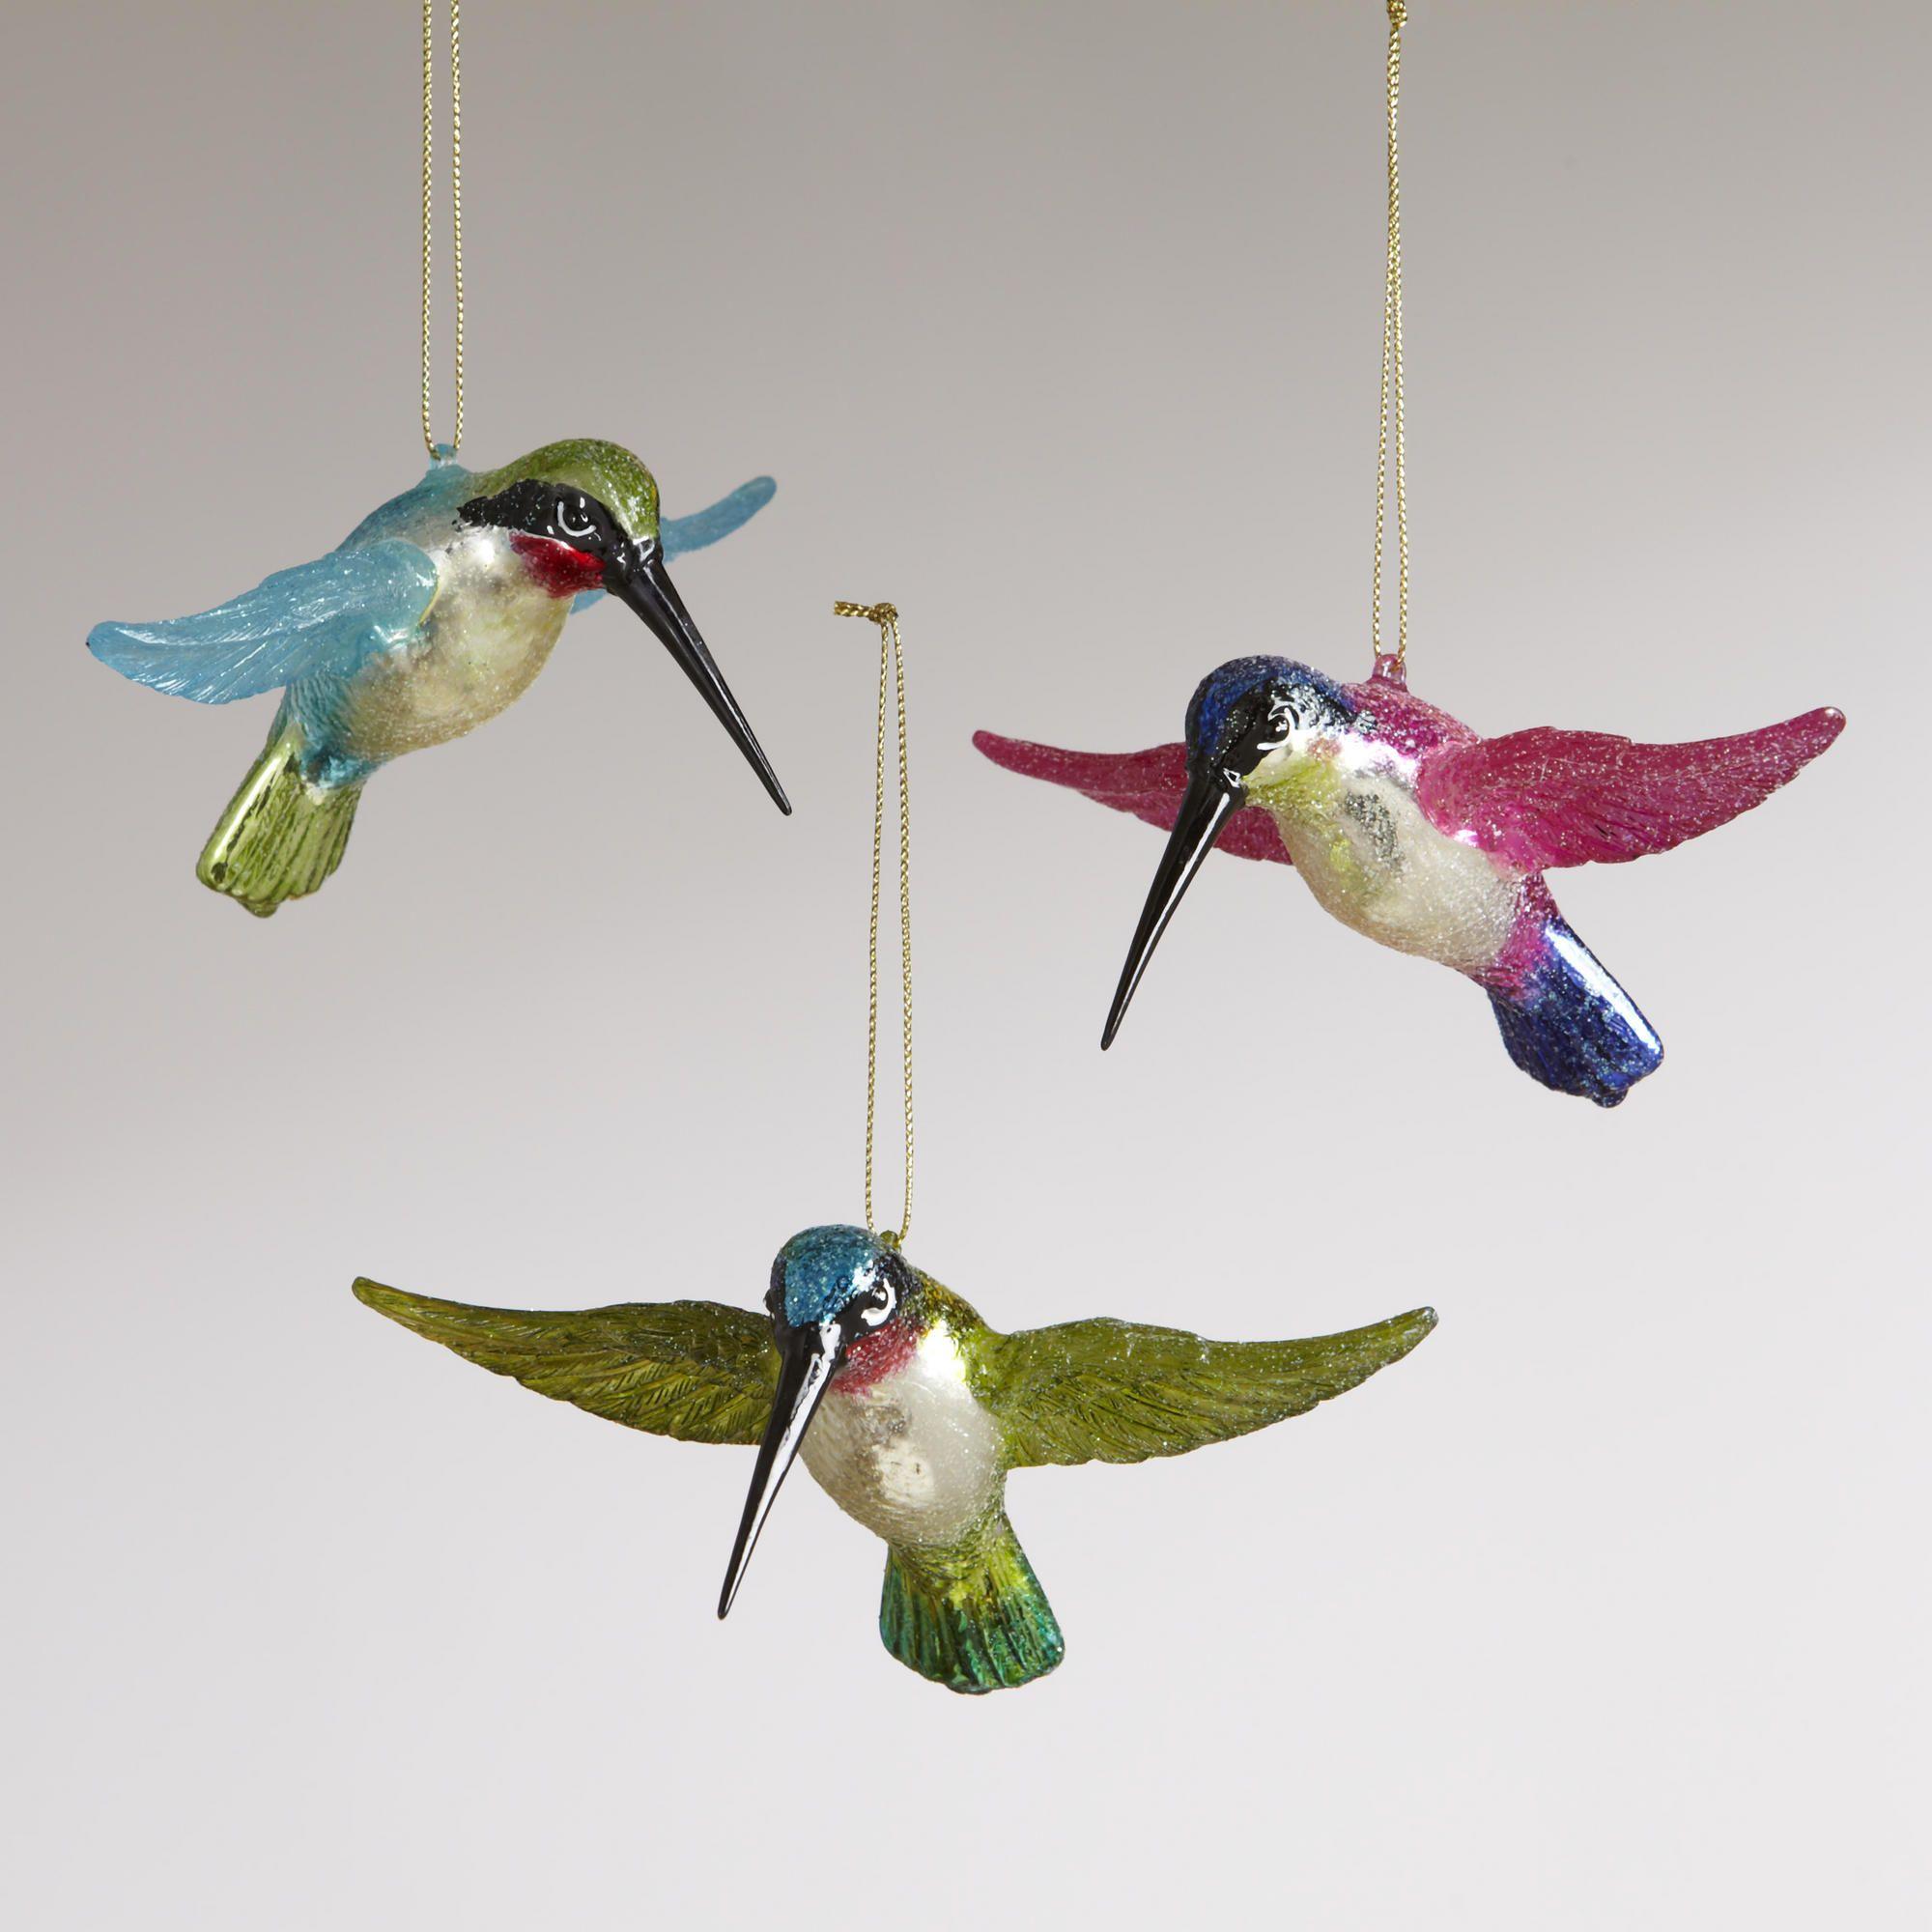 Flying Hummingbird Ornaments, Set of 3 | Hummingbird, Ornament and ...